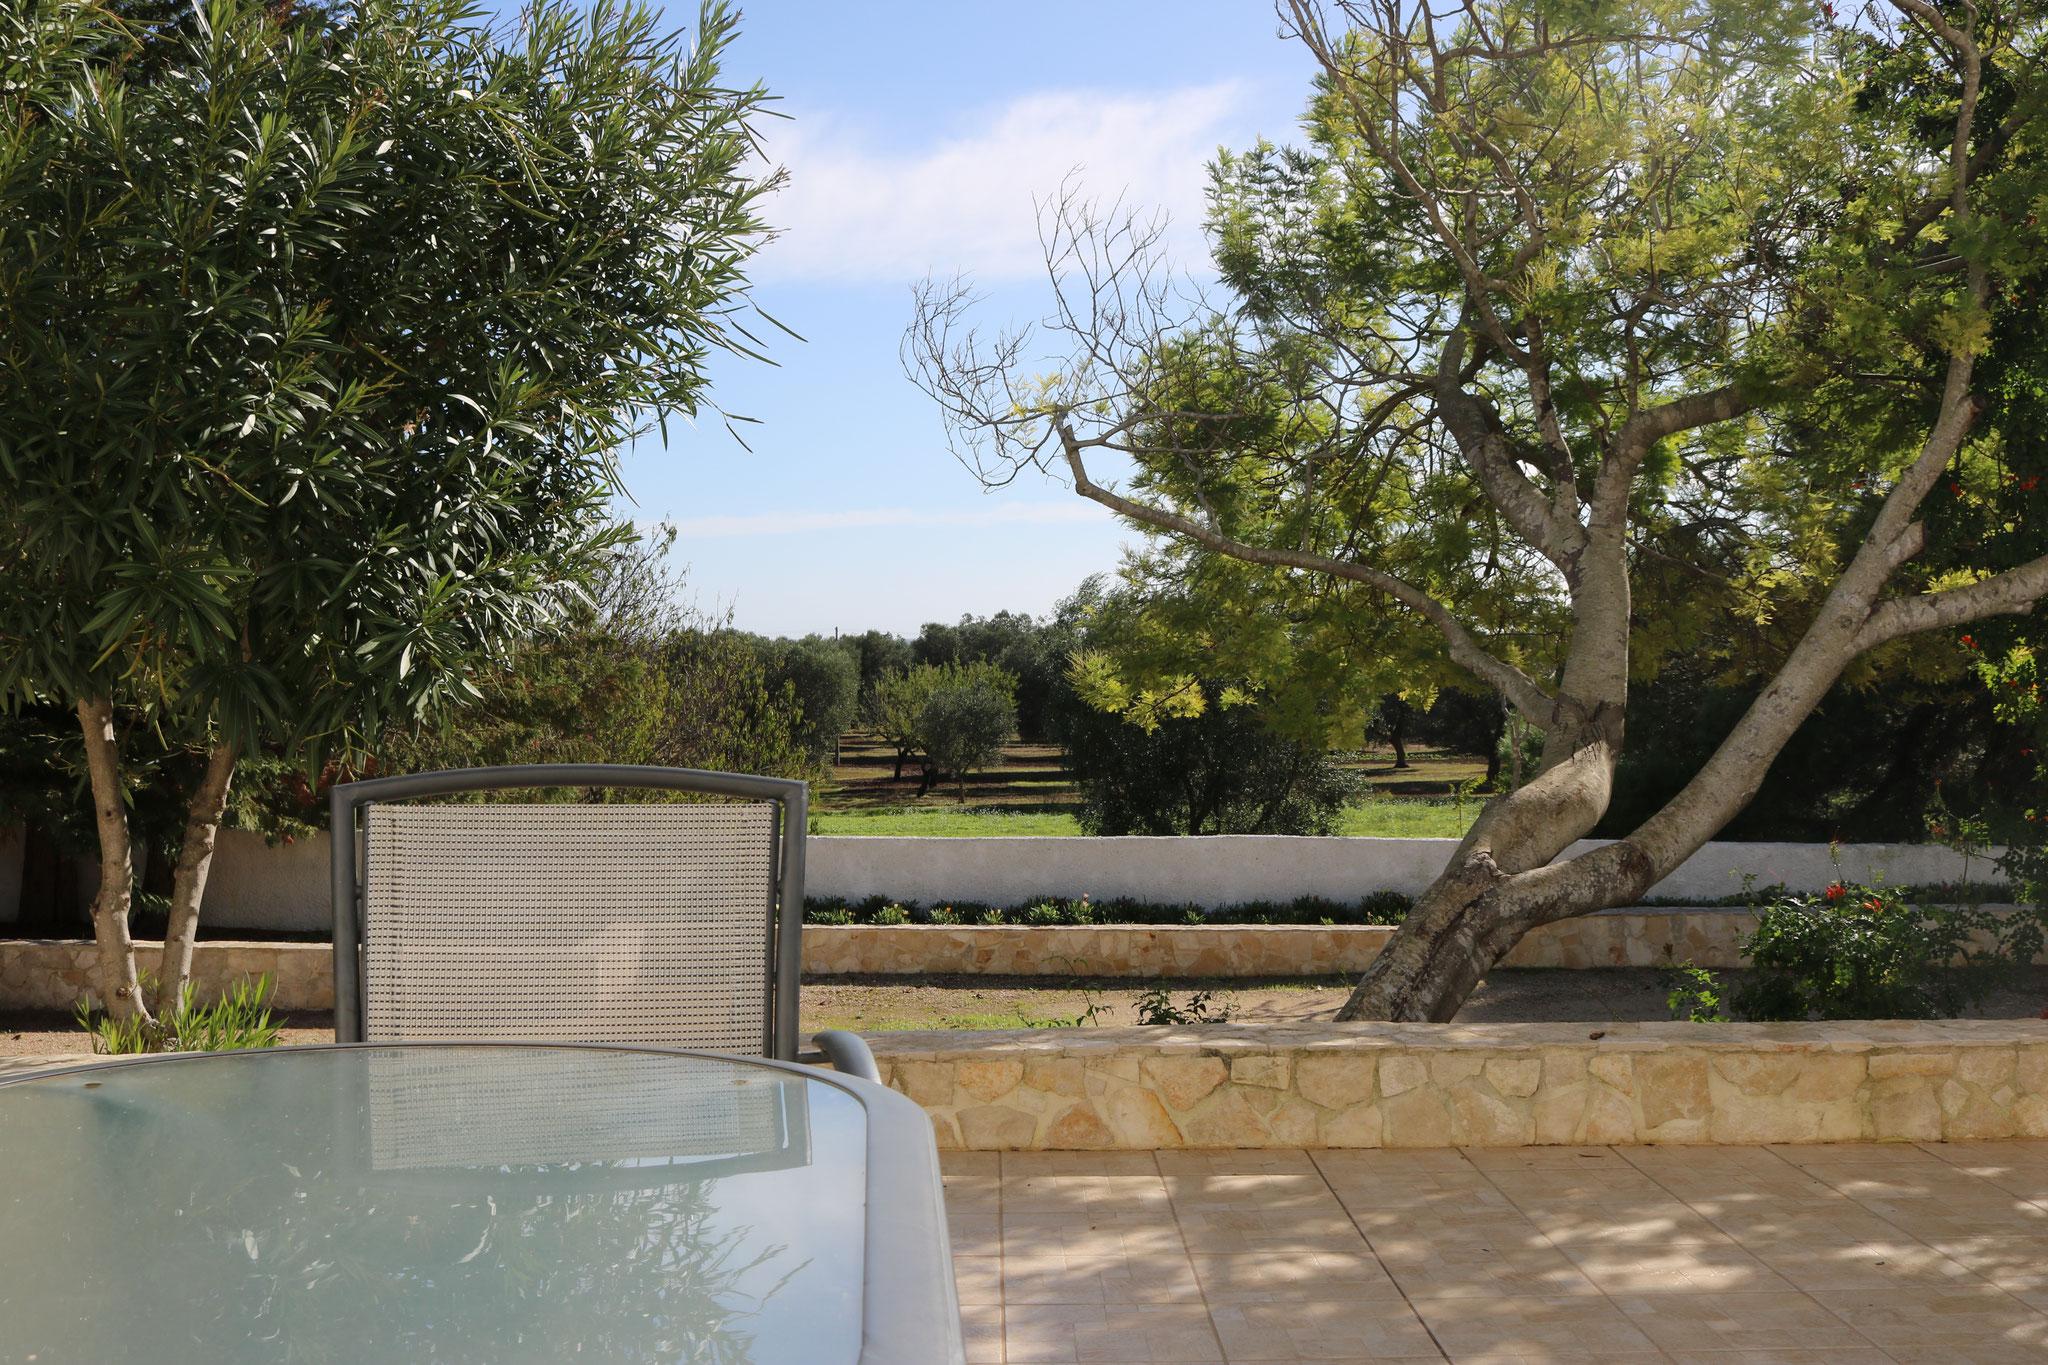 Lecce 5 - Terrazza e vista sugli ulivi